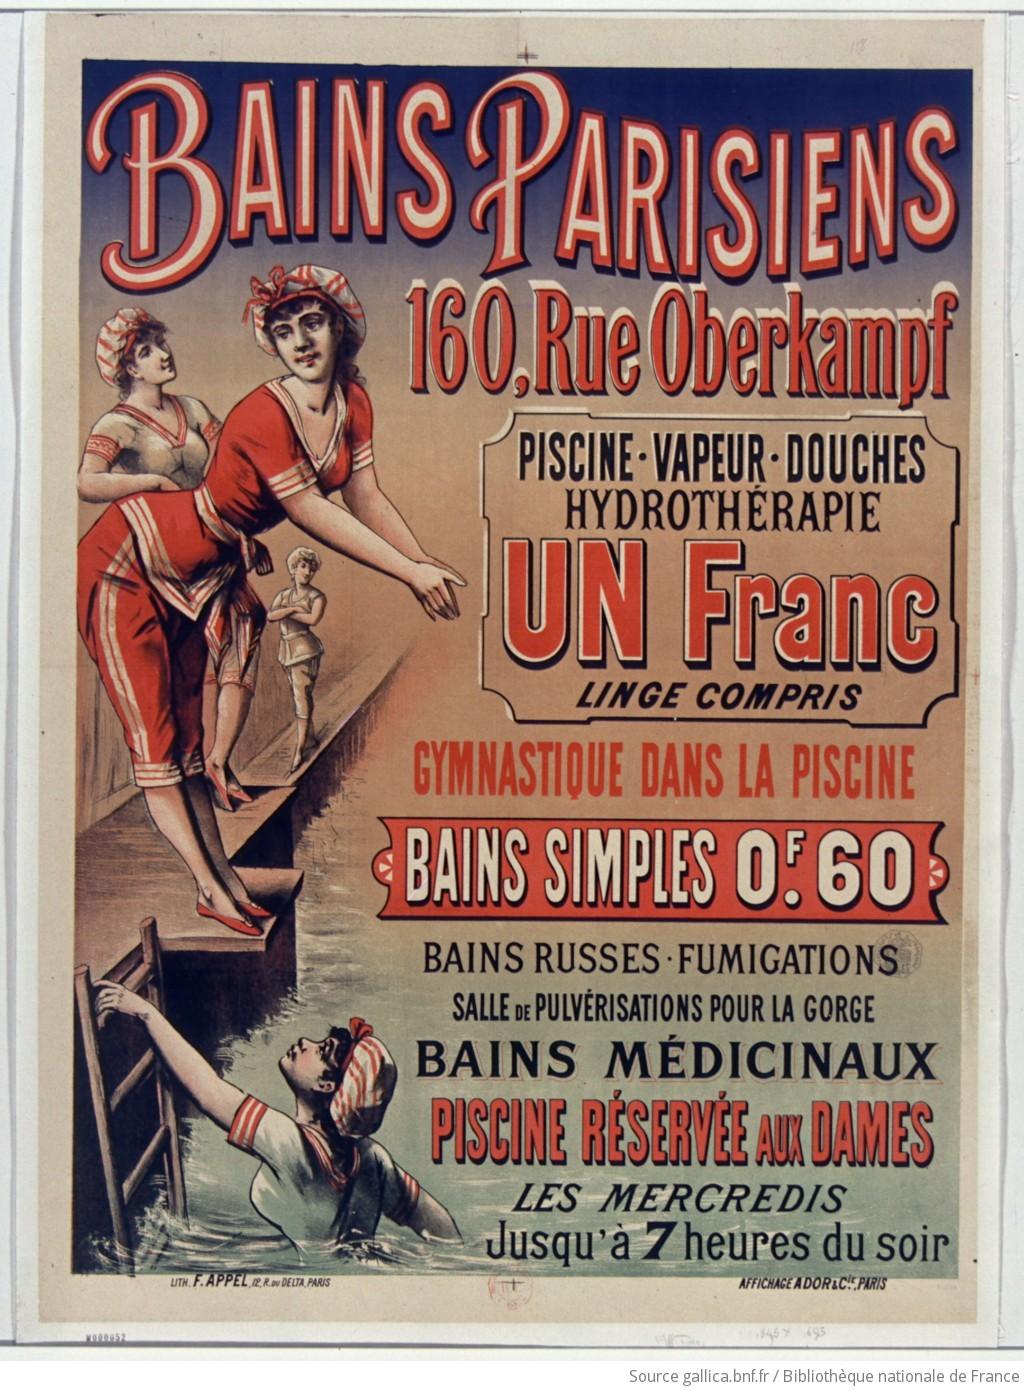 Salle De Bain Bicarbonate Vinaigre ~ Bains Parisiens 160 Rue Oberkampf Piscine Vapeur Douches